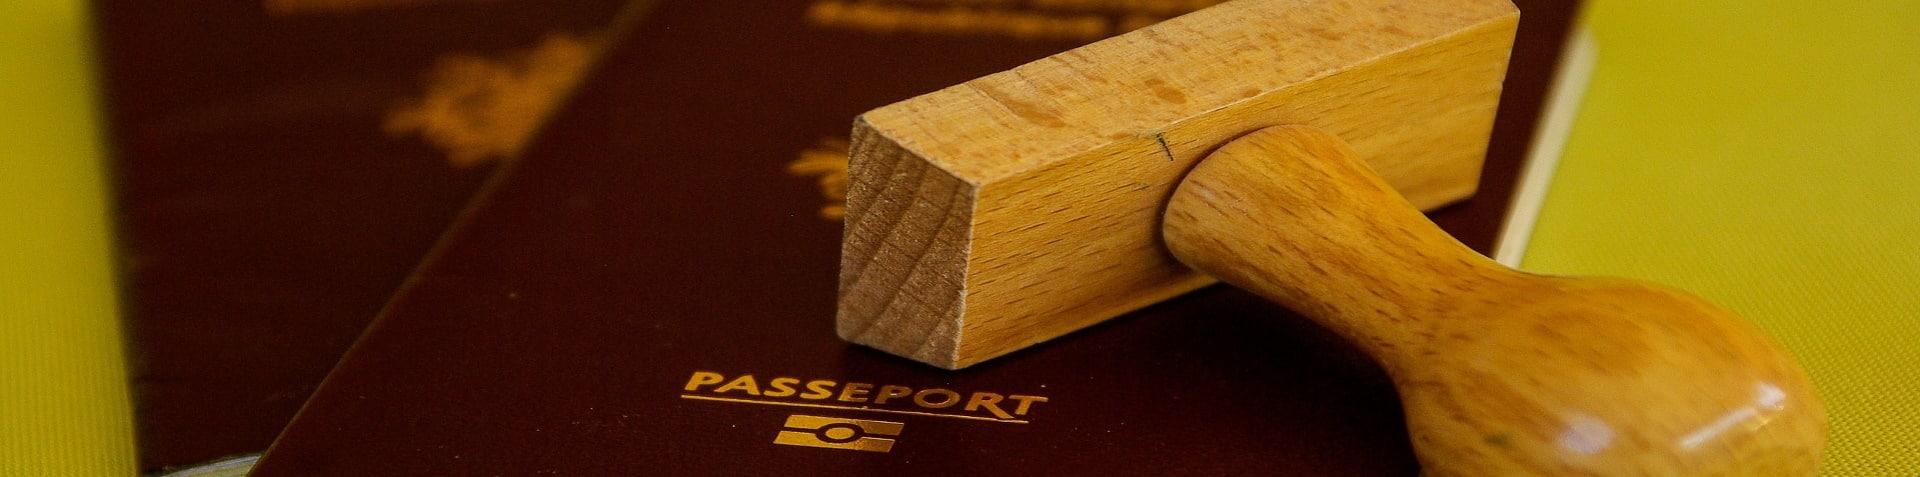 Rechtsanwalt Aufenthaltserlaubnis: Stempel und Pass